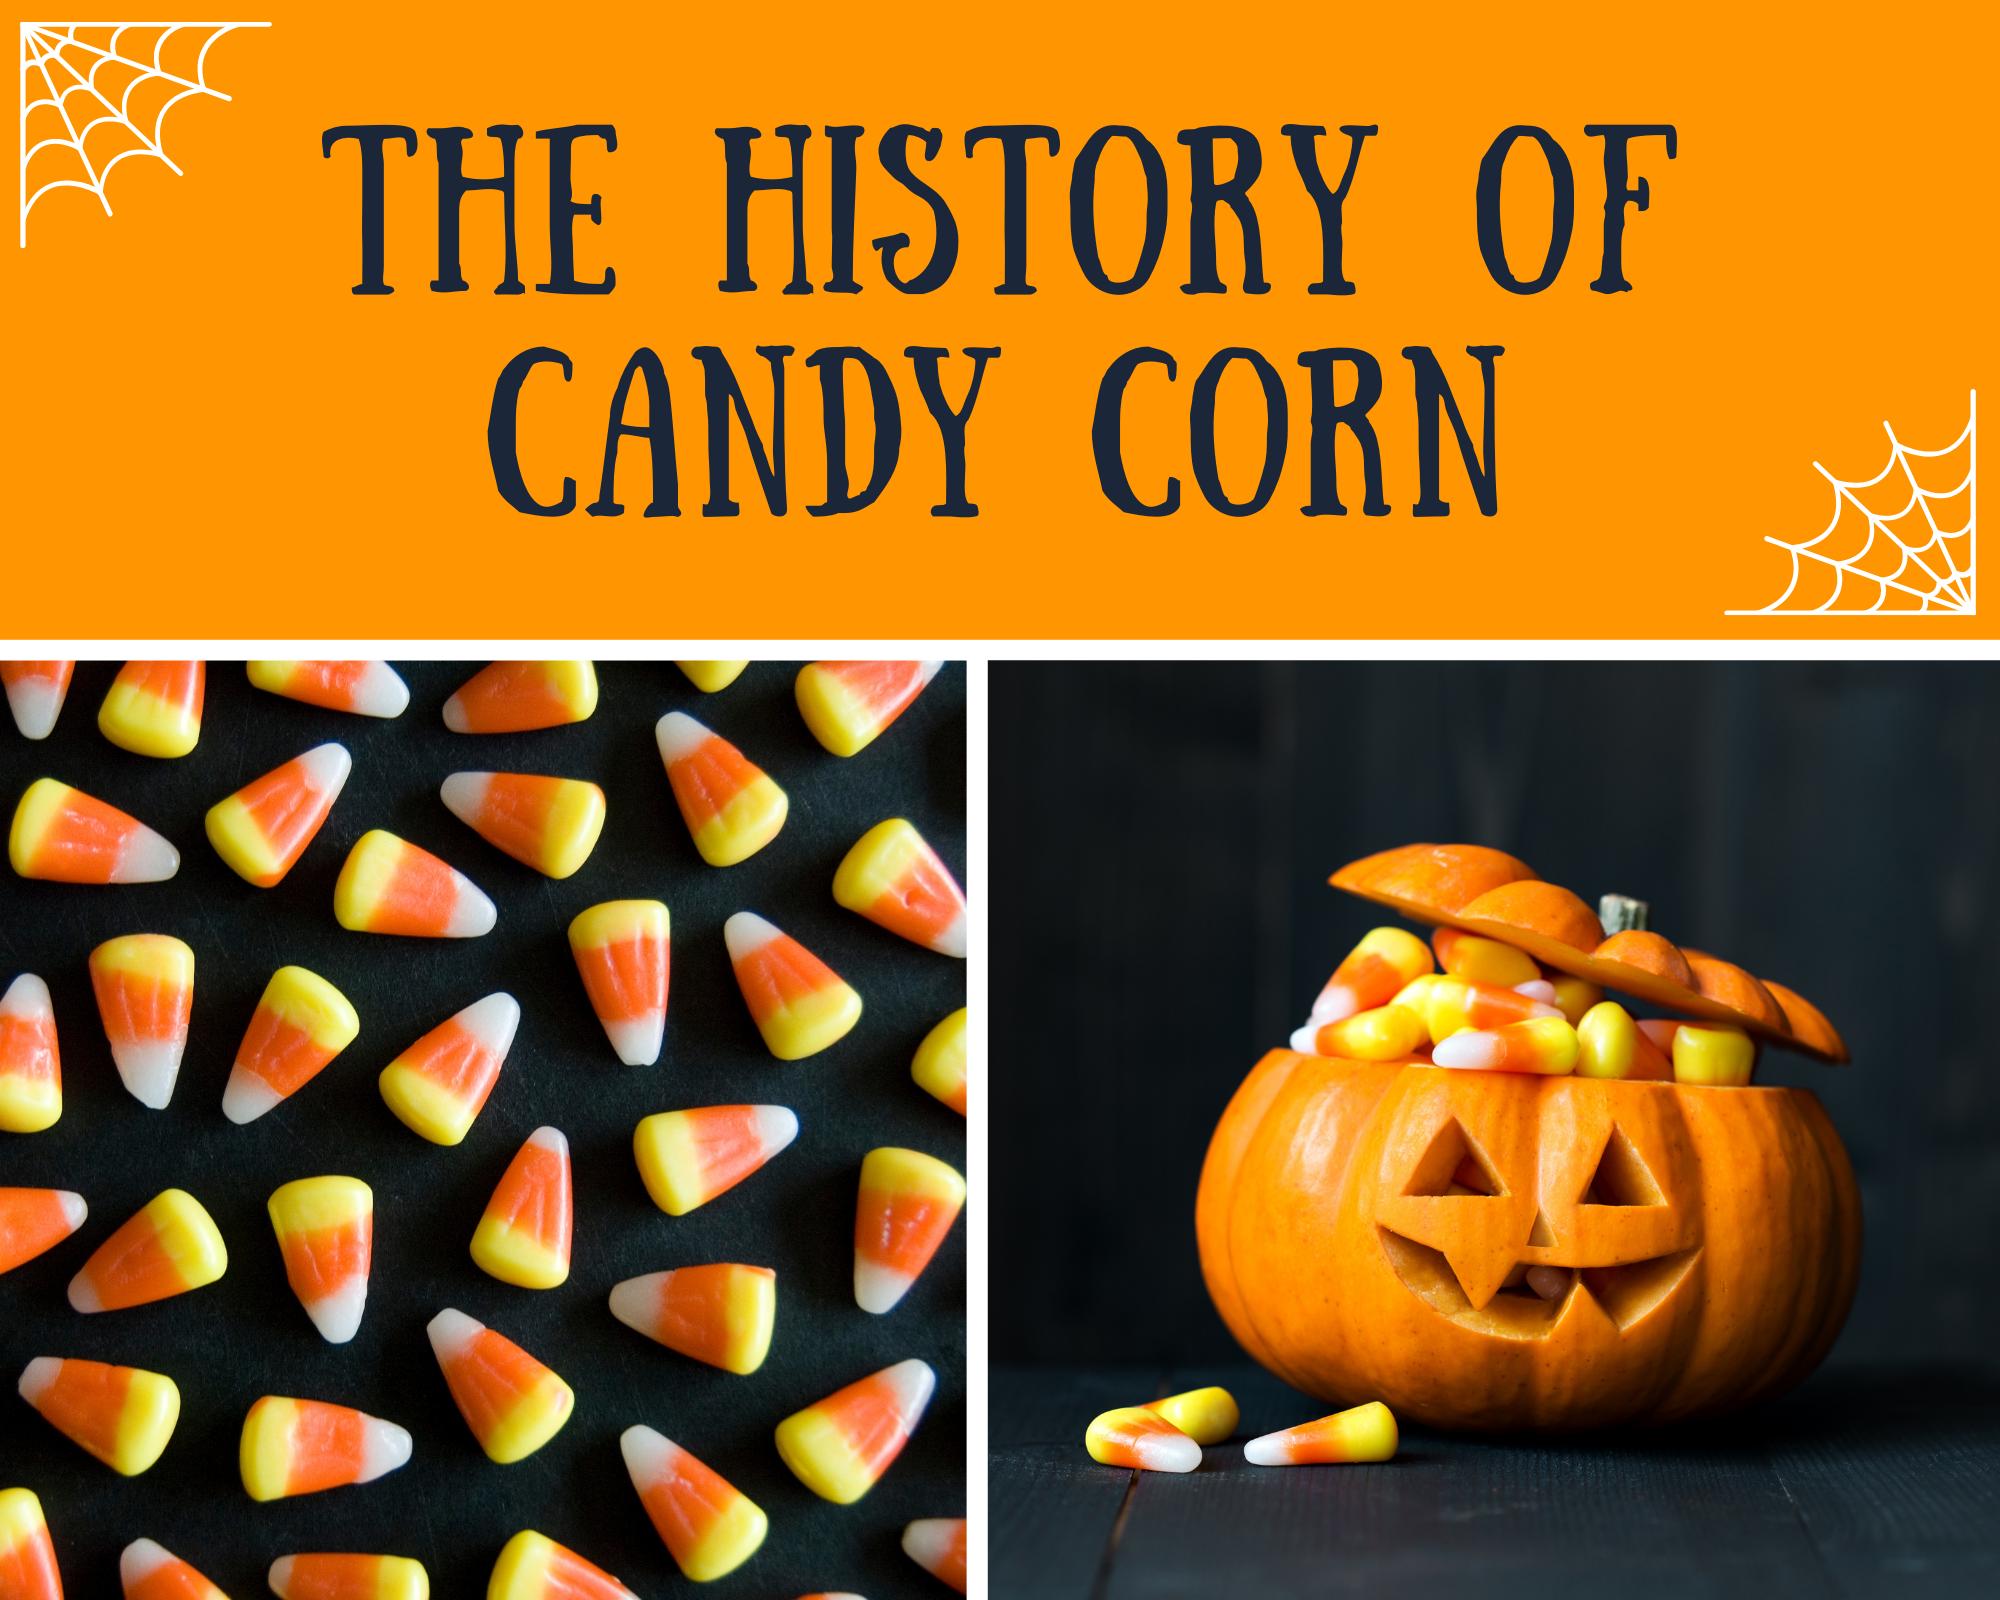 Candy corn in a pumpkin